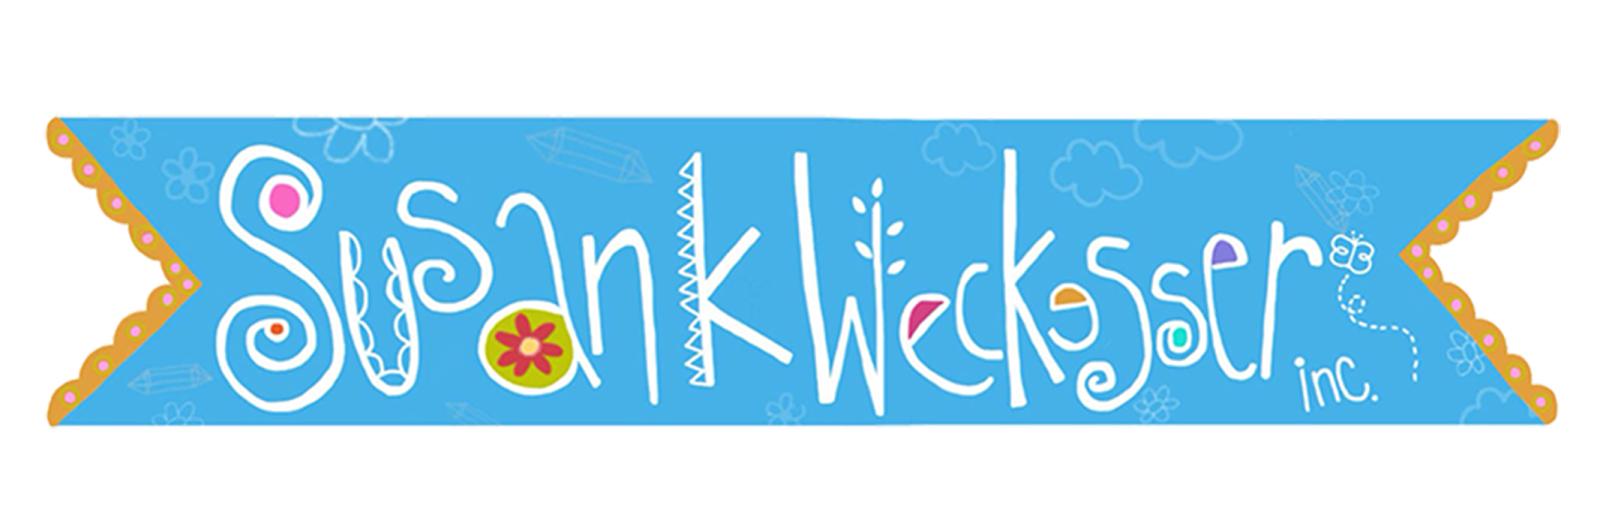 {Susan K. Weckesser Inc.}